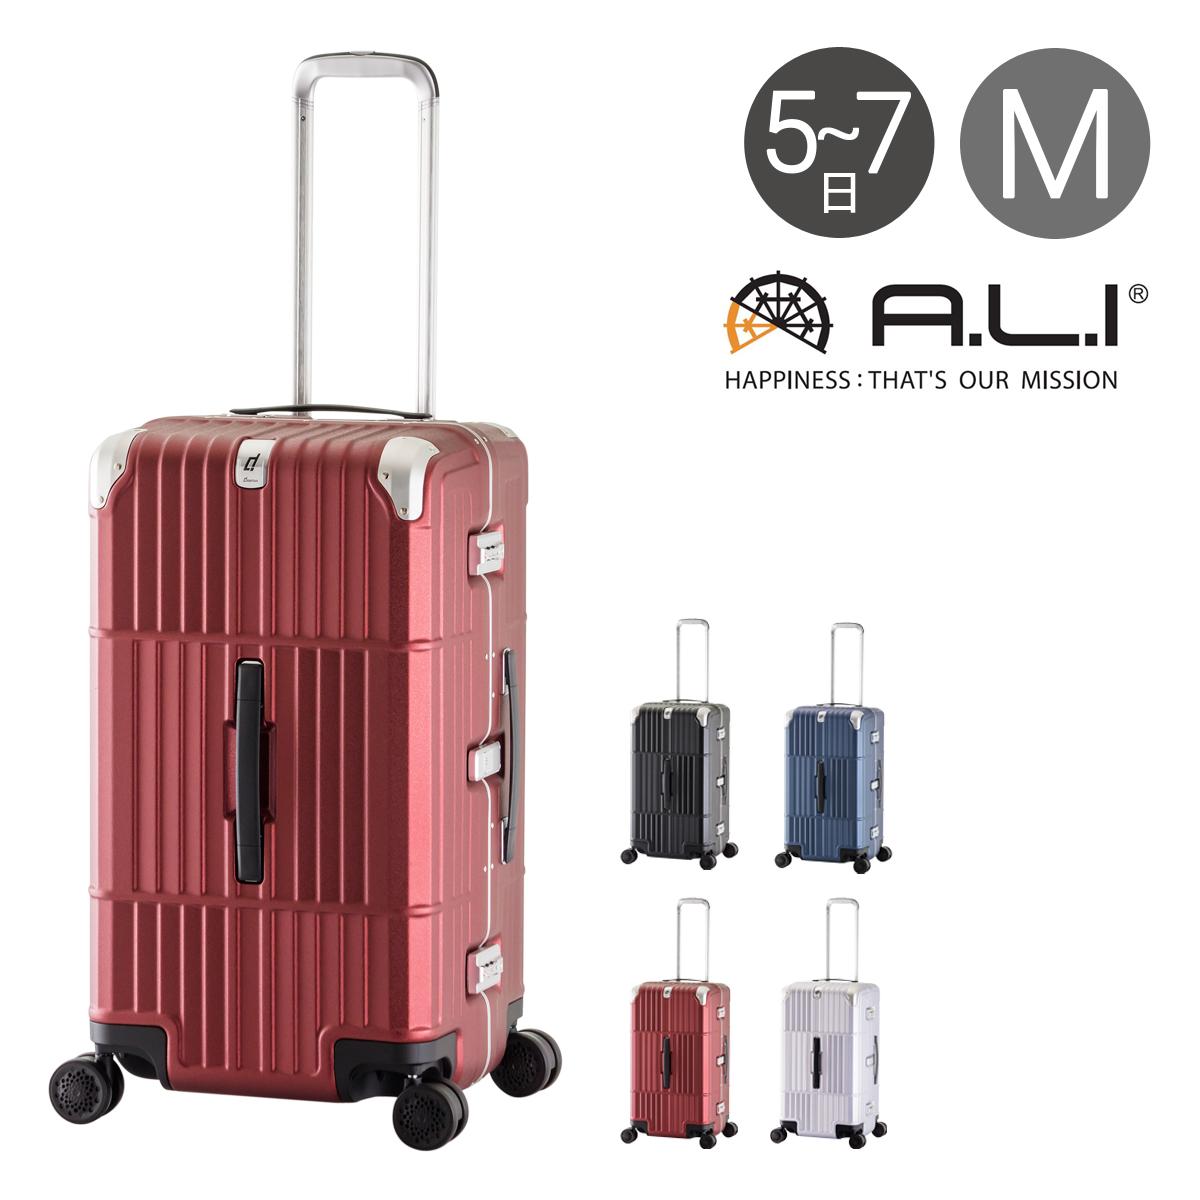 アジアラゲージ スーツケース|76L 67cm 5kg HD-515-27 ハード フレーム A.L.I departure ディパーチャー|TSAロック搭載 キャリーケース ハードキャリー[PO10][bef]